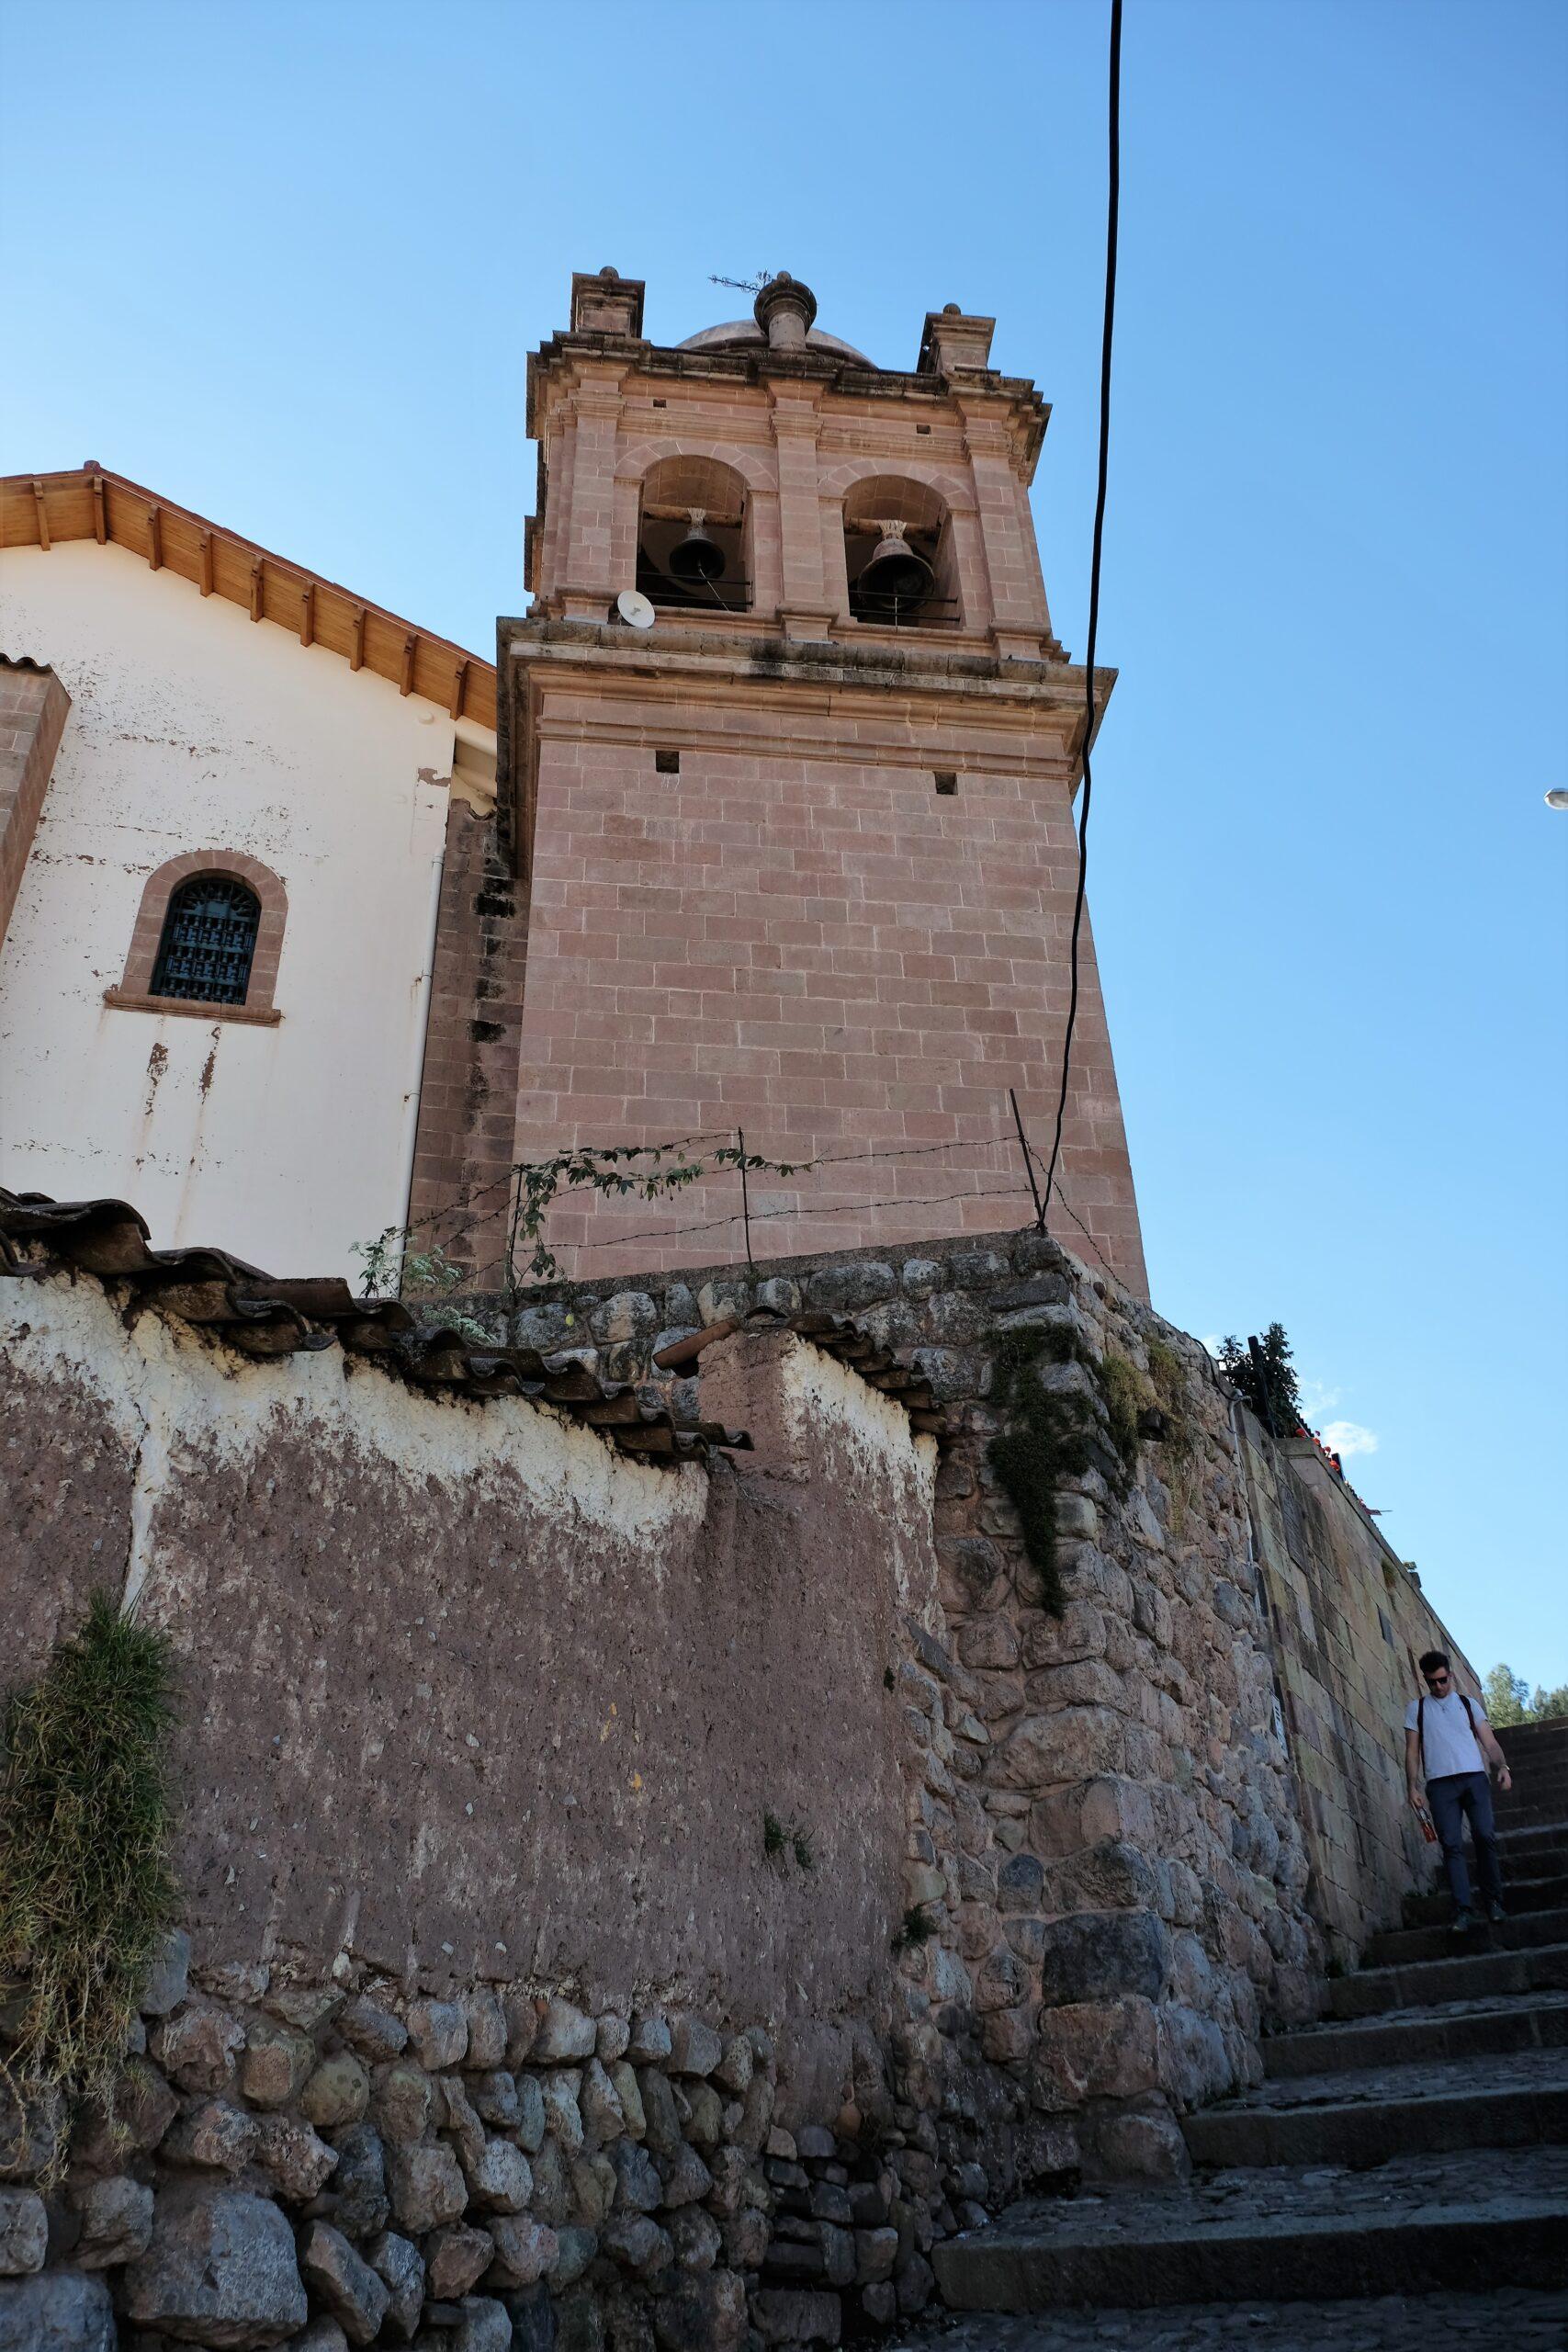 Church of San Cristóbal